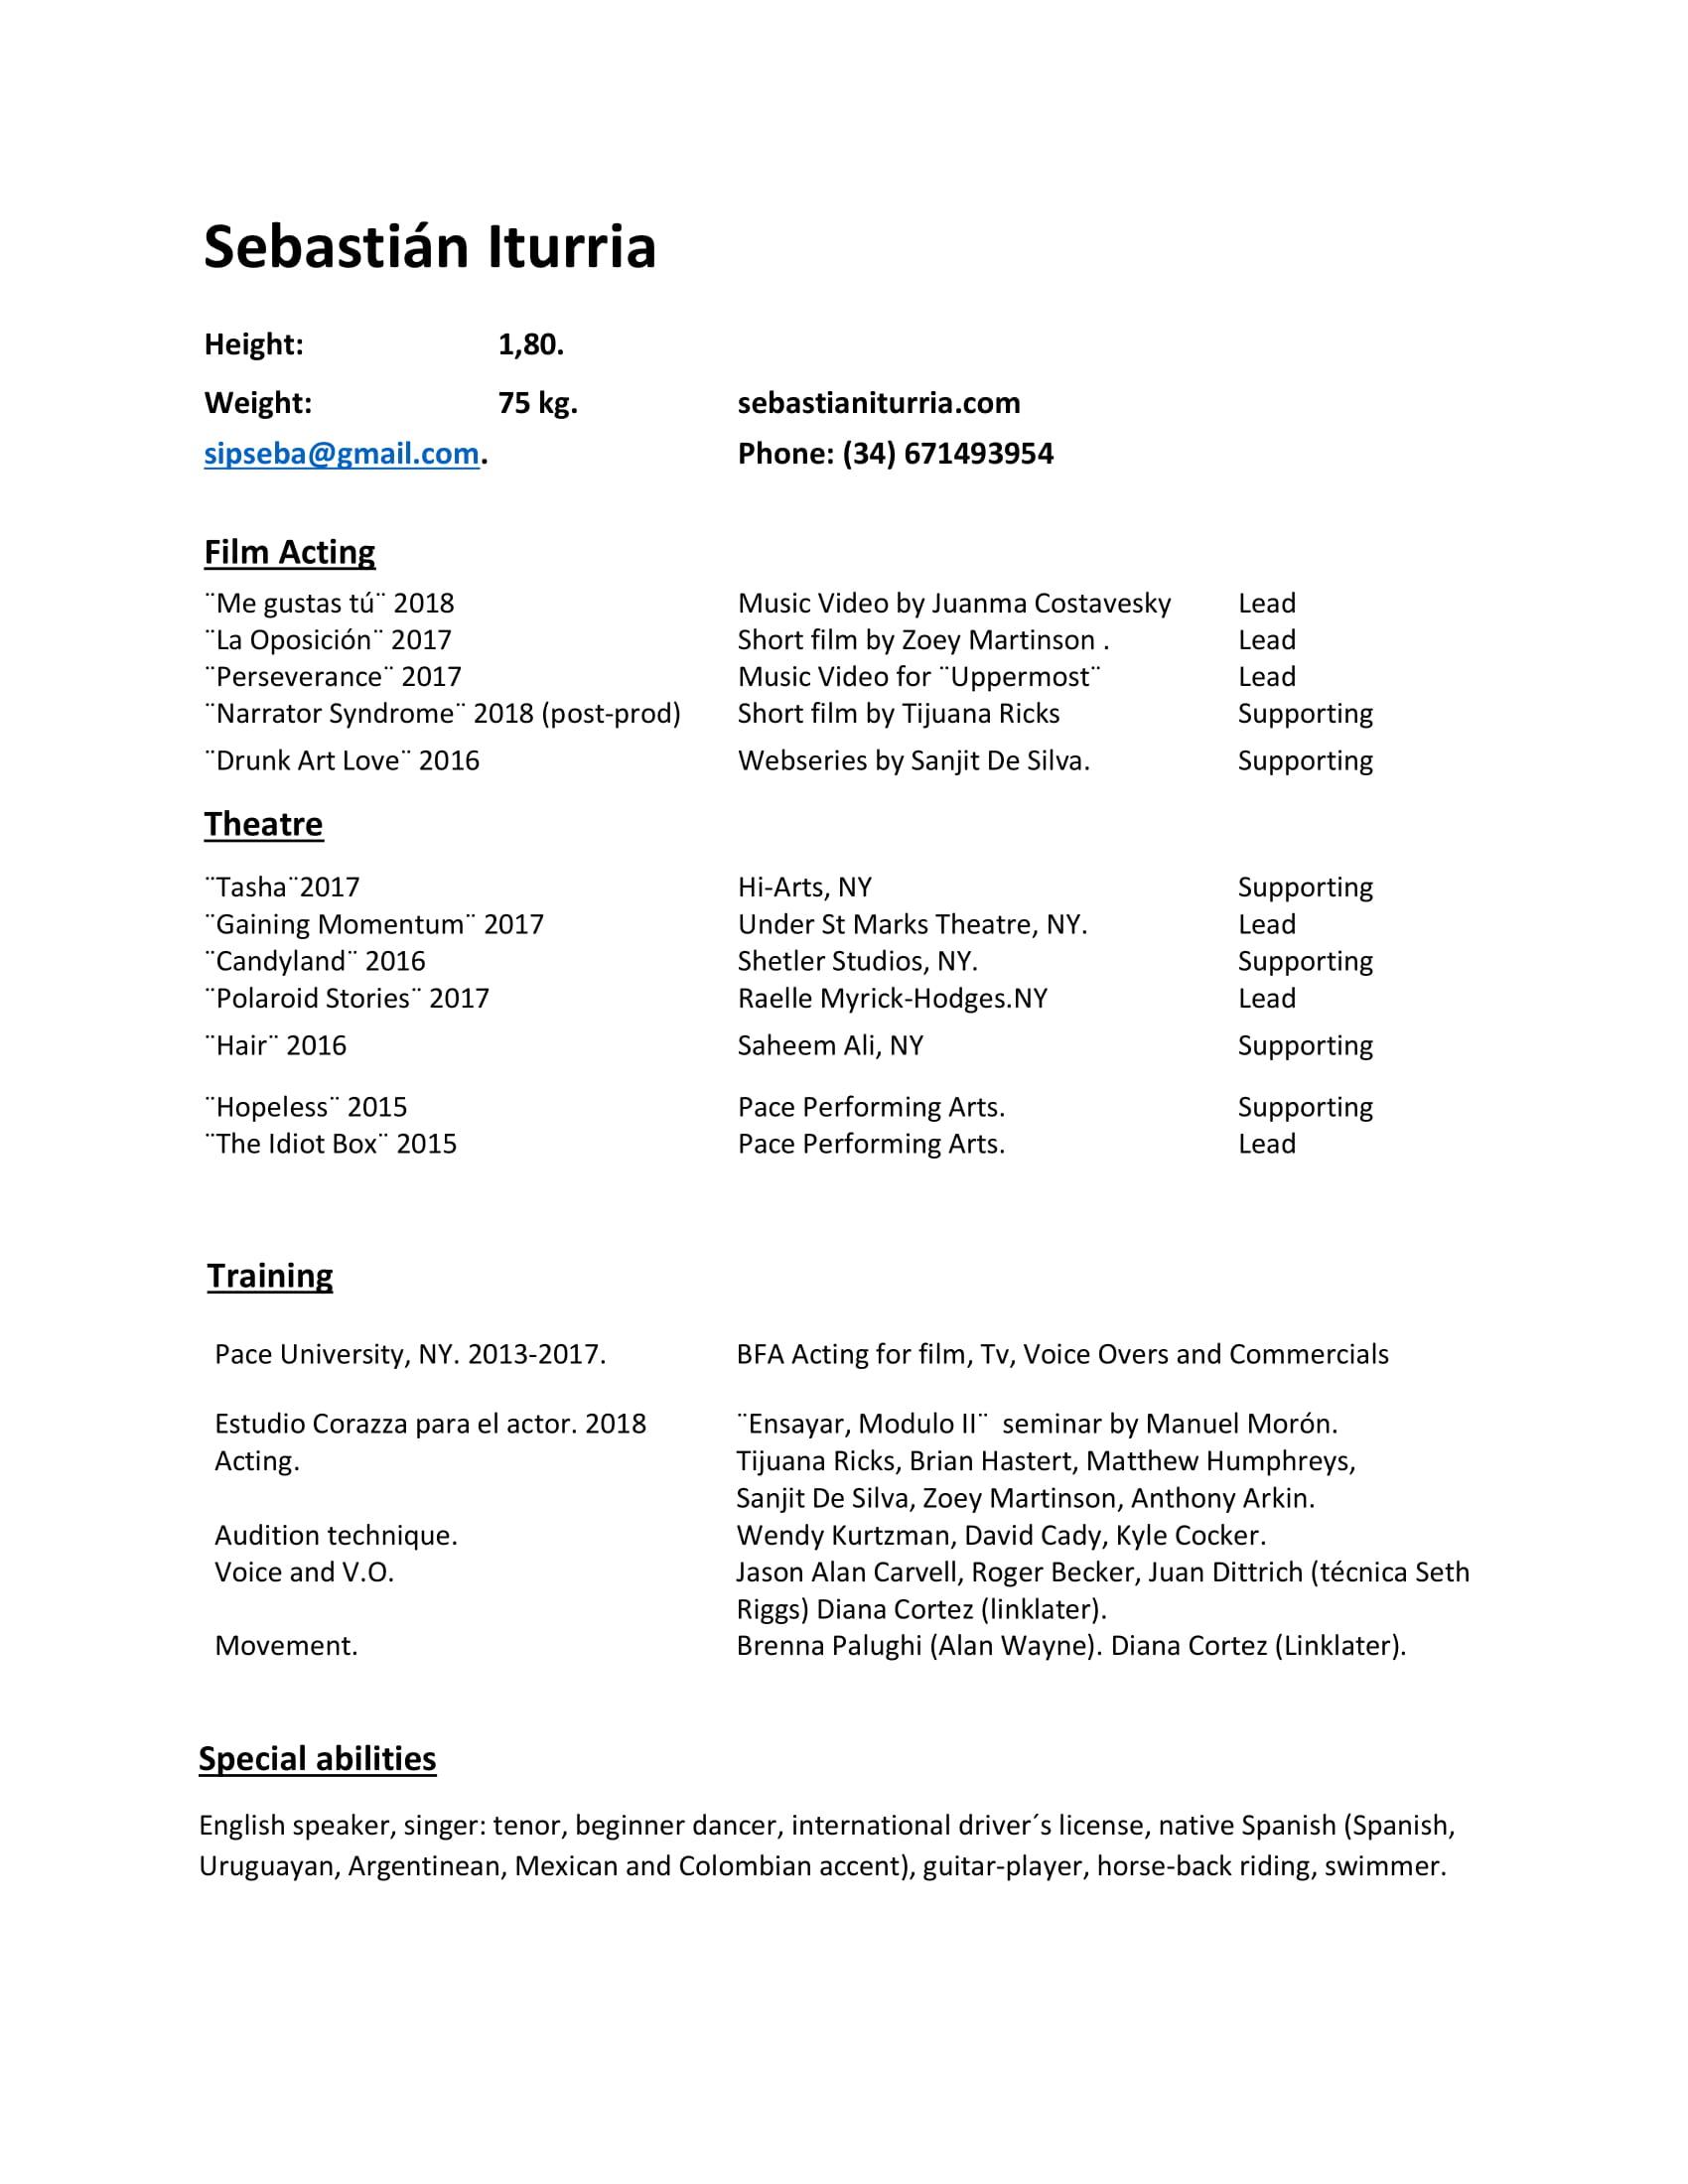 Resume 2018 Agosto. ingles-1.jpg